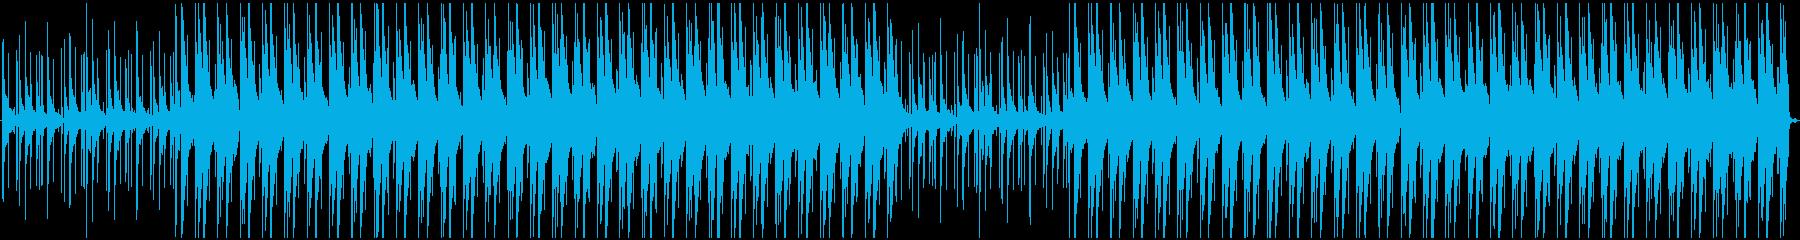 lofiでゆったりとした雰囲気のBGMの再生済みの波形